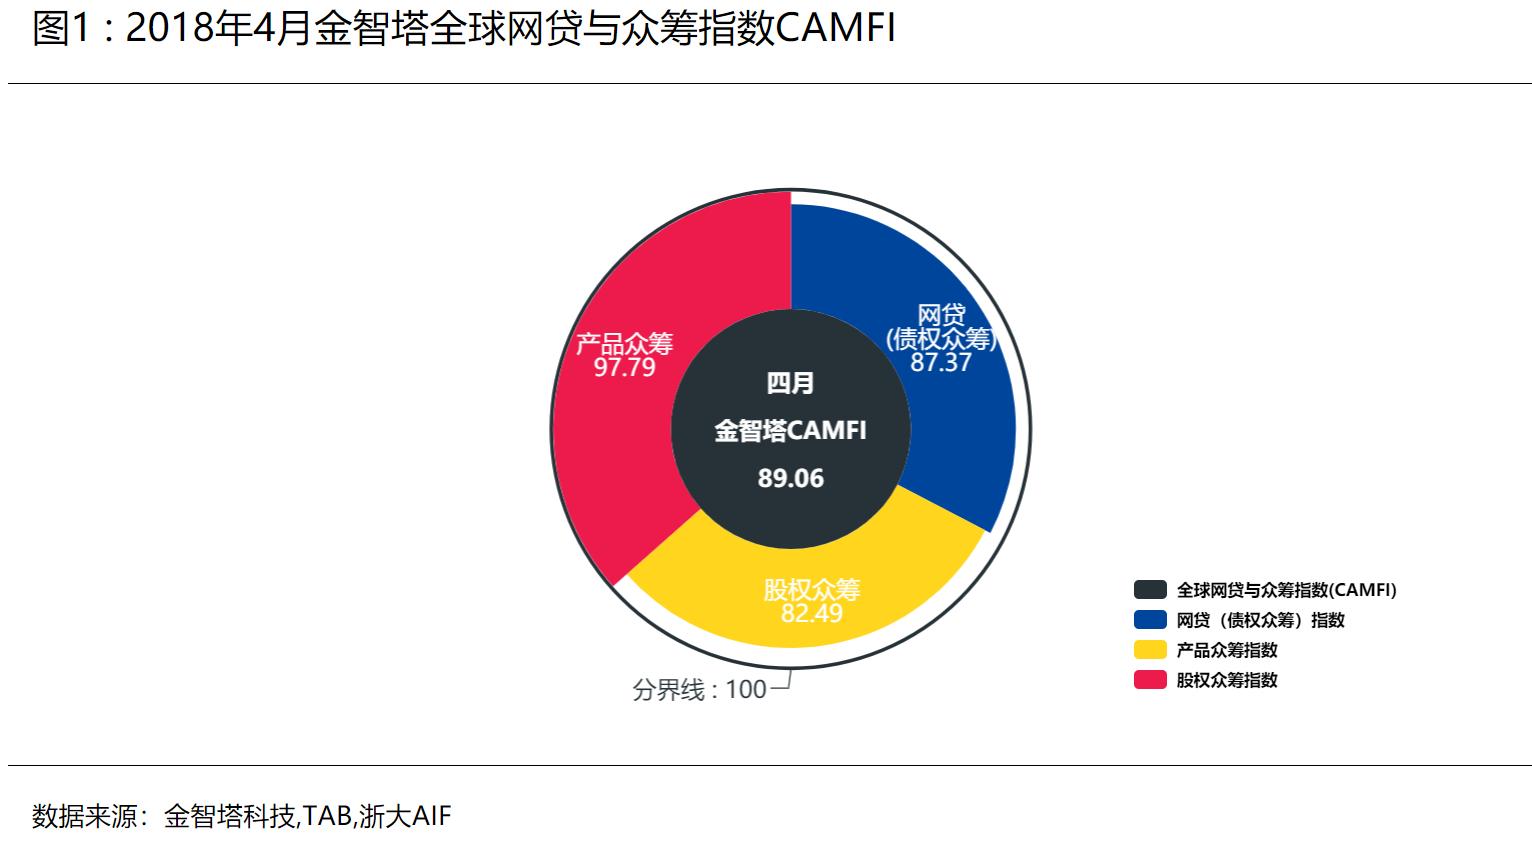 2018年4月CAMFI:网贷和众筹行业剧烈收缩,指数重回下降态势